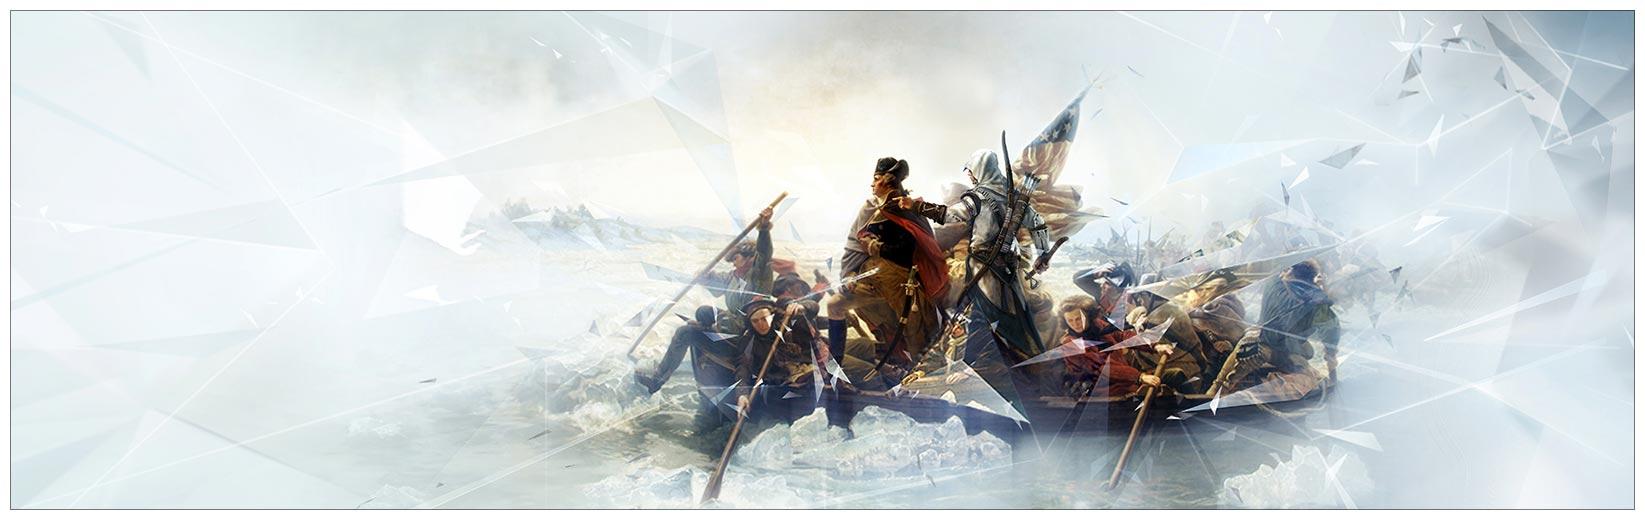 Подарочная обёртка для постеров Assassin's Creed / Кредо ассасина